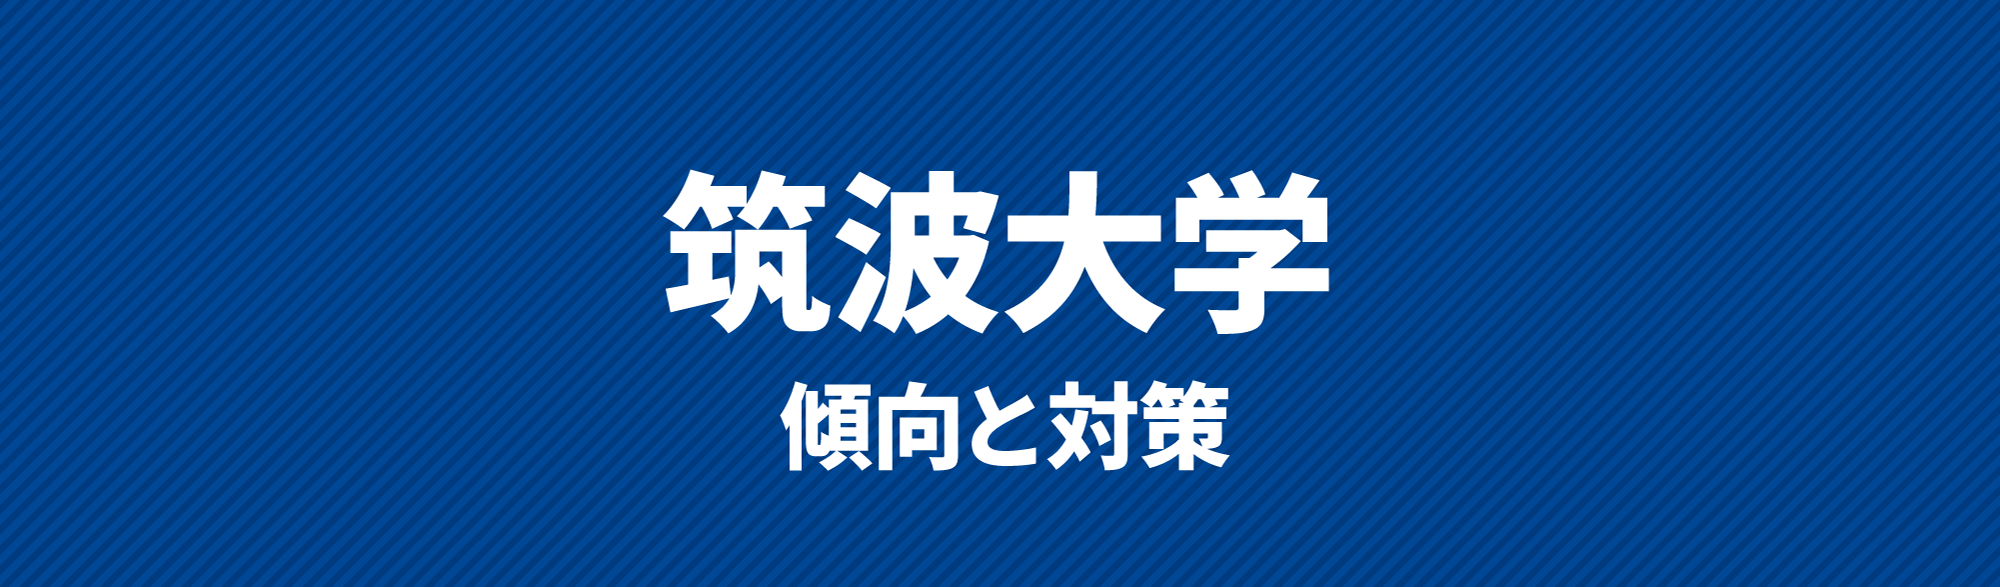 筑波大学傾向と対策